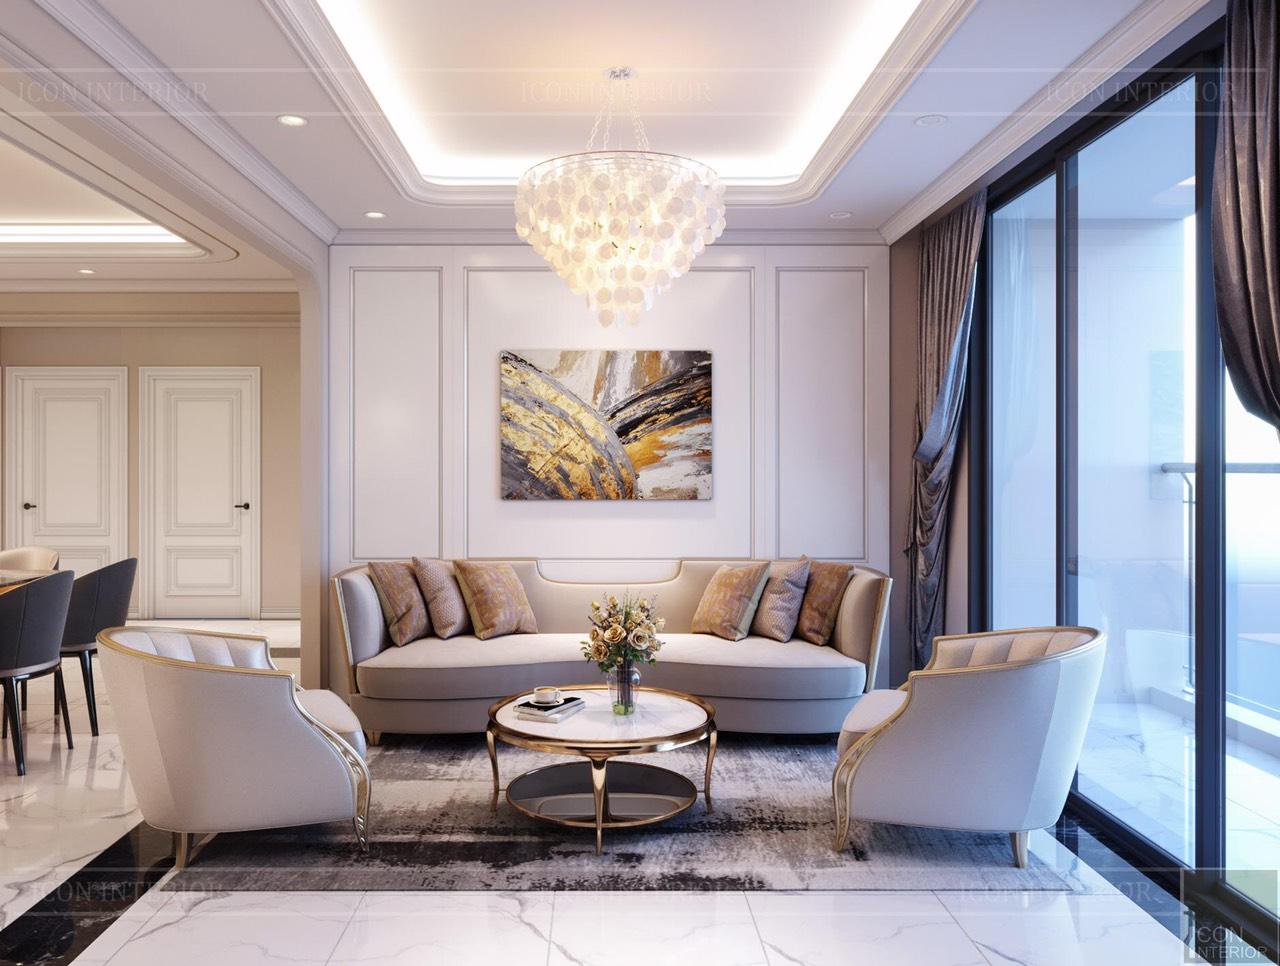 Thiết kế nội thất căn hộ Sunrise City 147m2